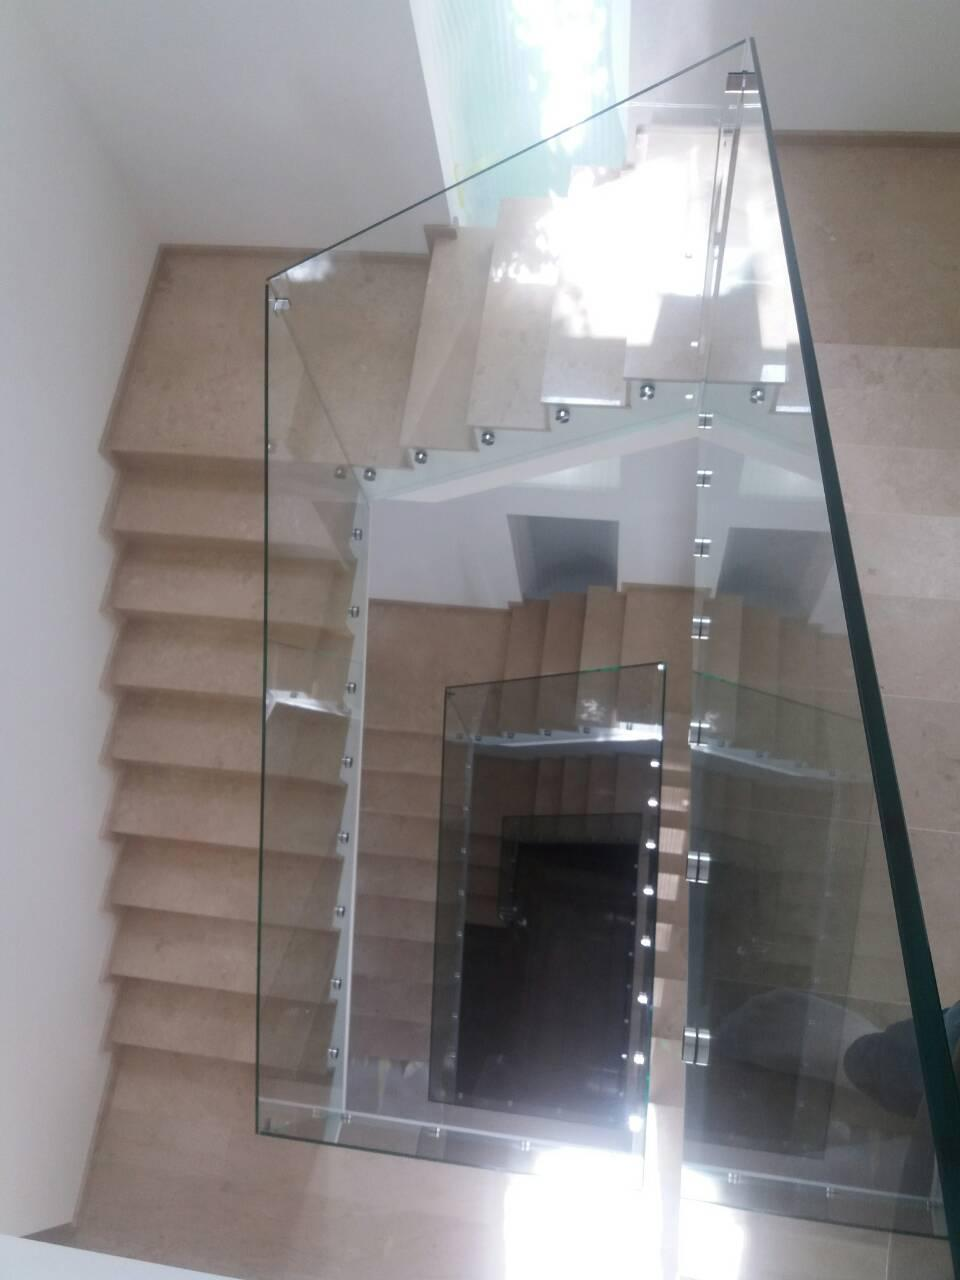 Стеклянные перила на лестницу, перила и ограждения для лестниц из стекла, поручни со стеклом, скляні огорожі